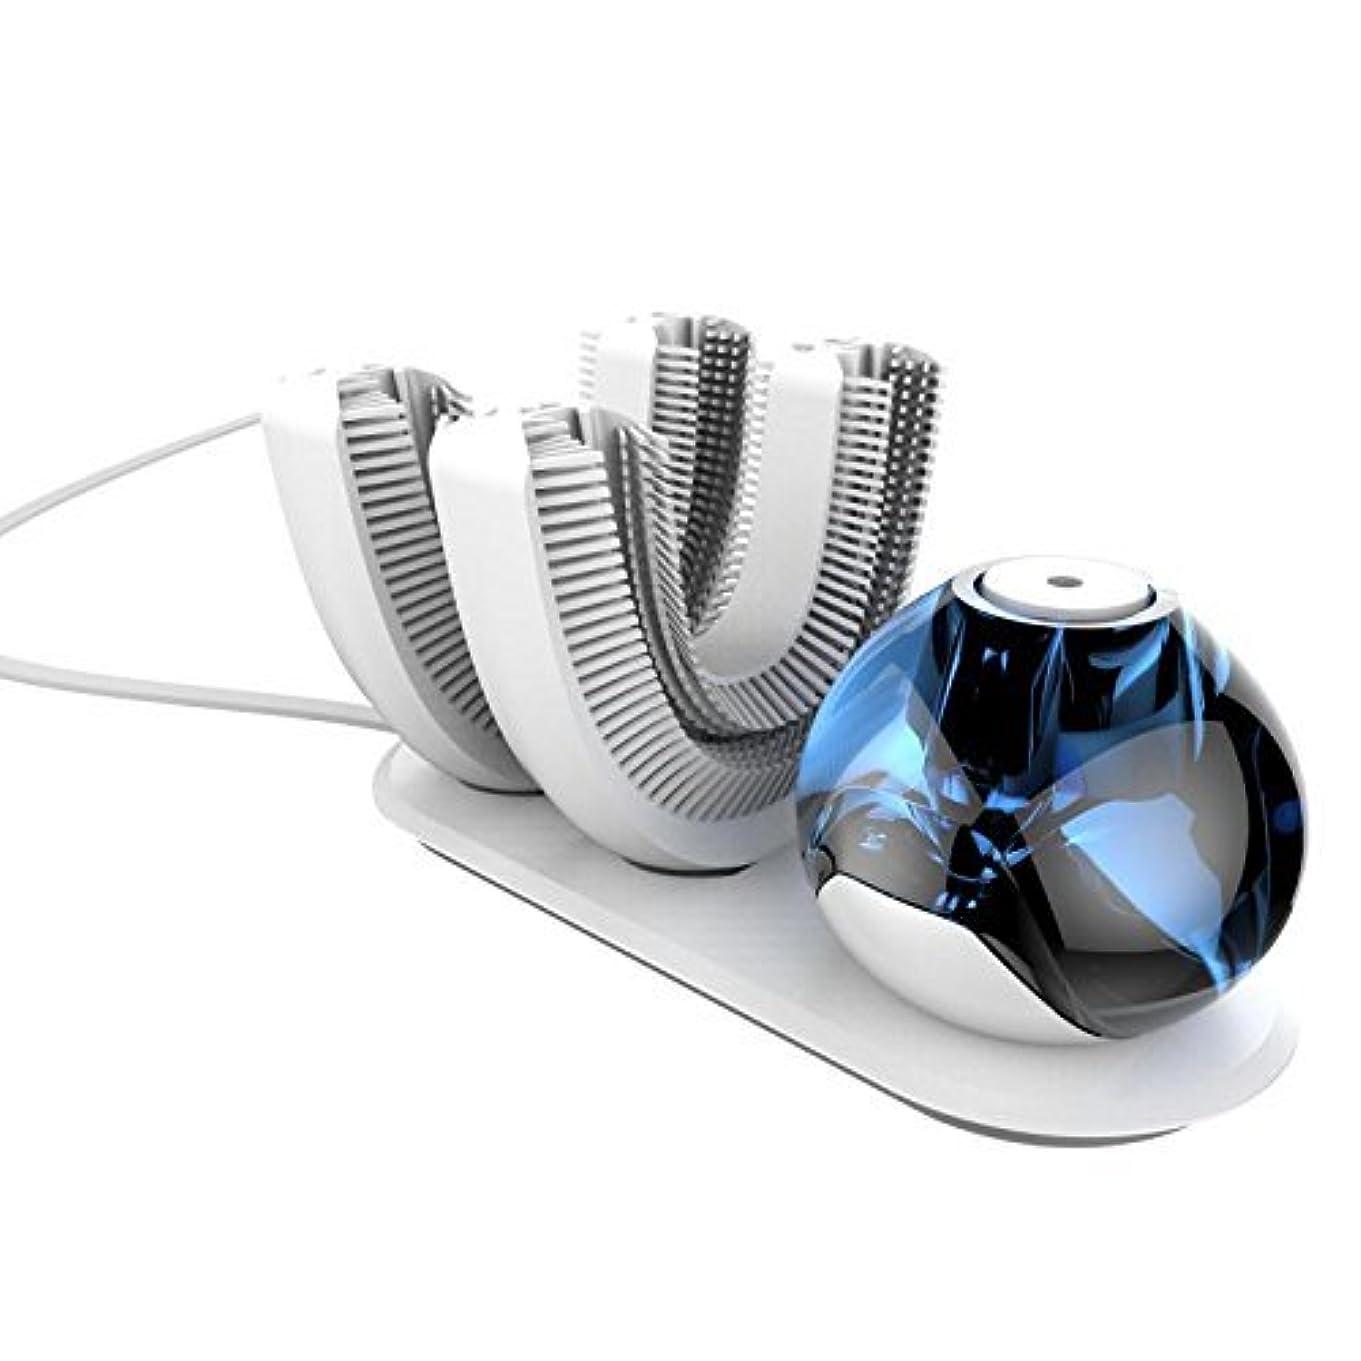 将来のいとこロック怠け者牙刷-電動 U型 超音波 専門370°全方位 自動歯ブラシ ワイヤレス充電 成人 怠け者 ユニークなU字型のマウスピース わずか10秒で歯磨き 自動バブル 2本の歯ブラシヘッド付き あなたの手を解放 磁気吸引接続...